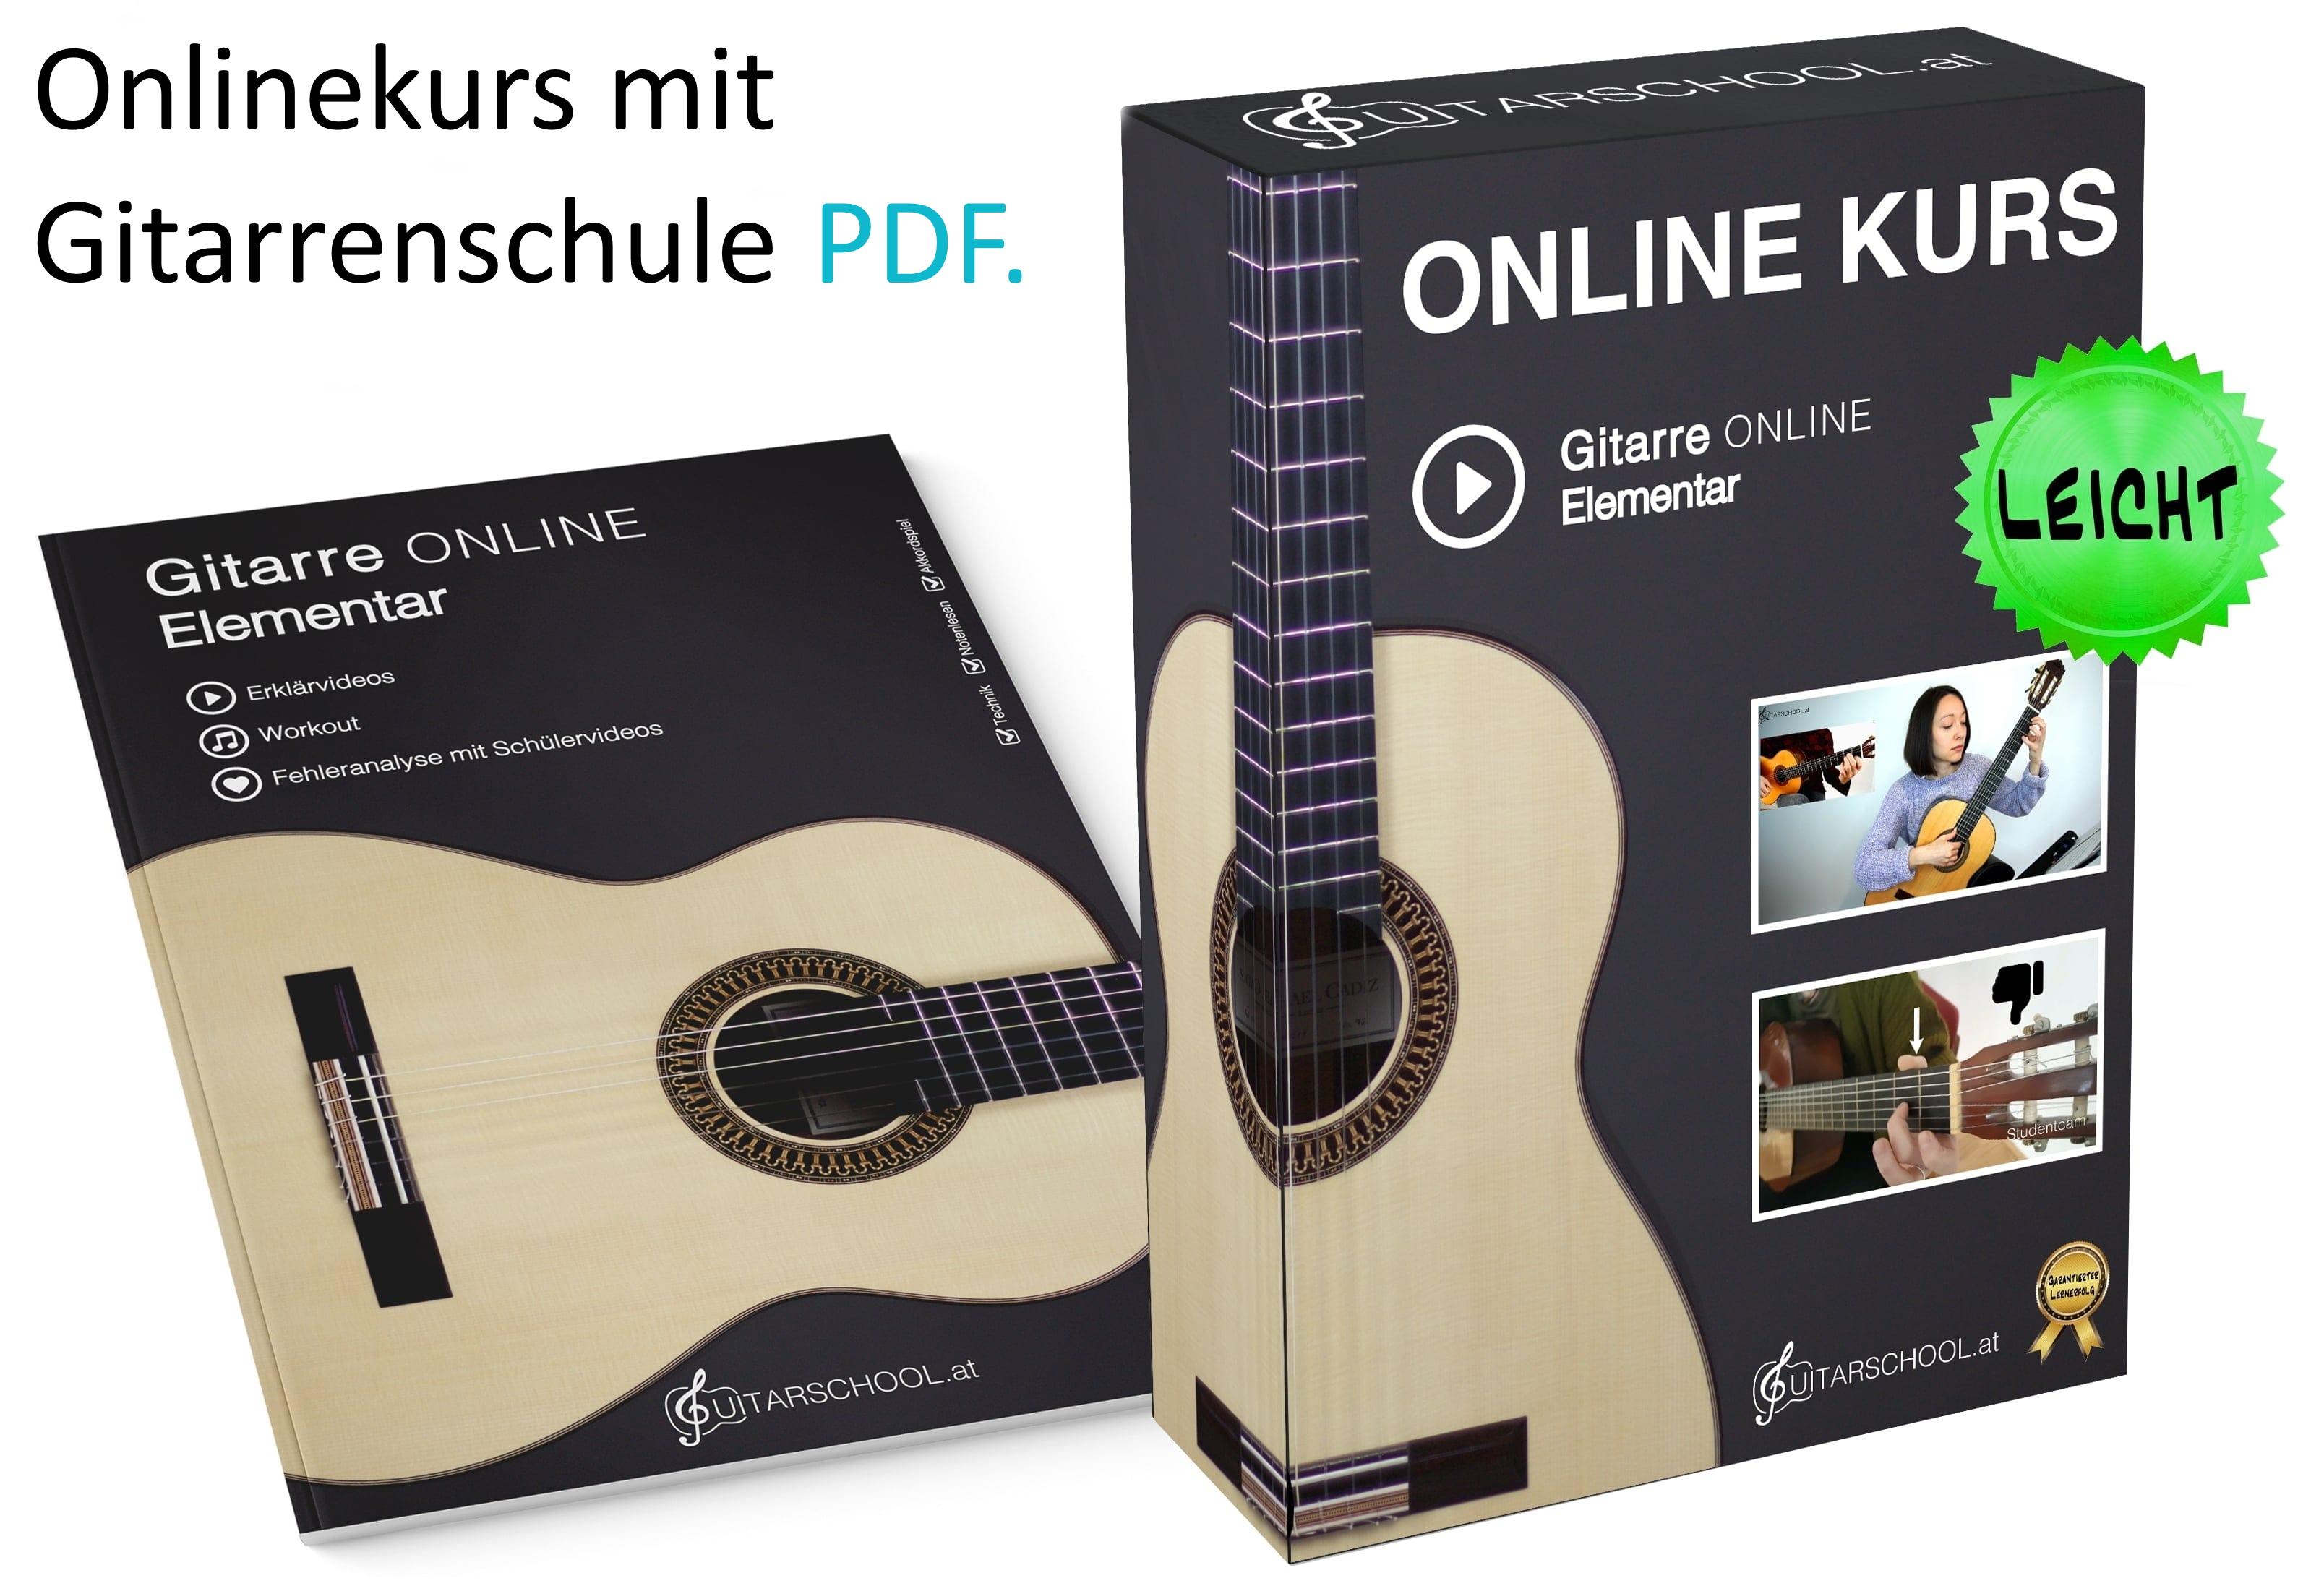 Onlinekurs